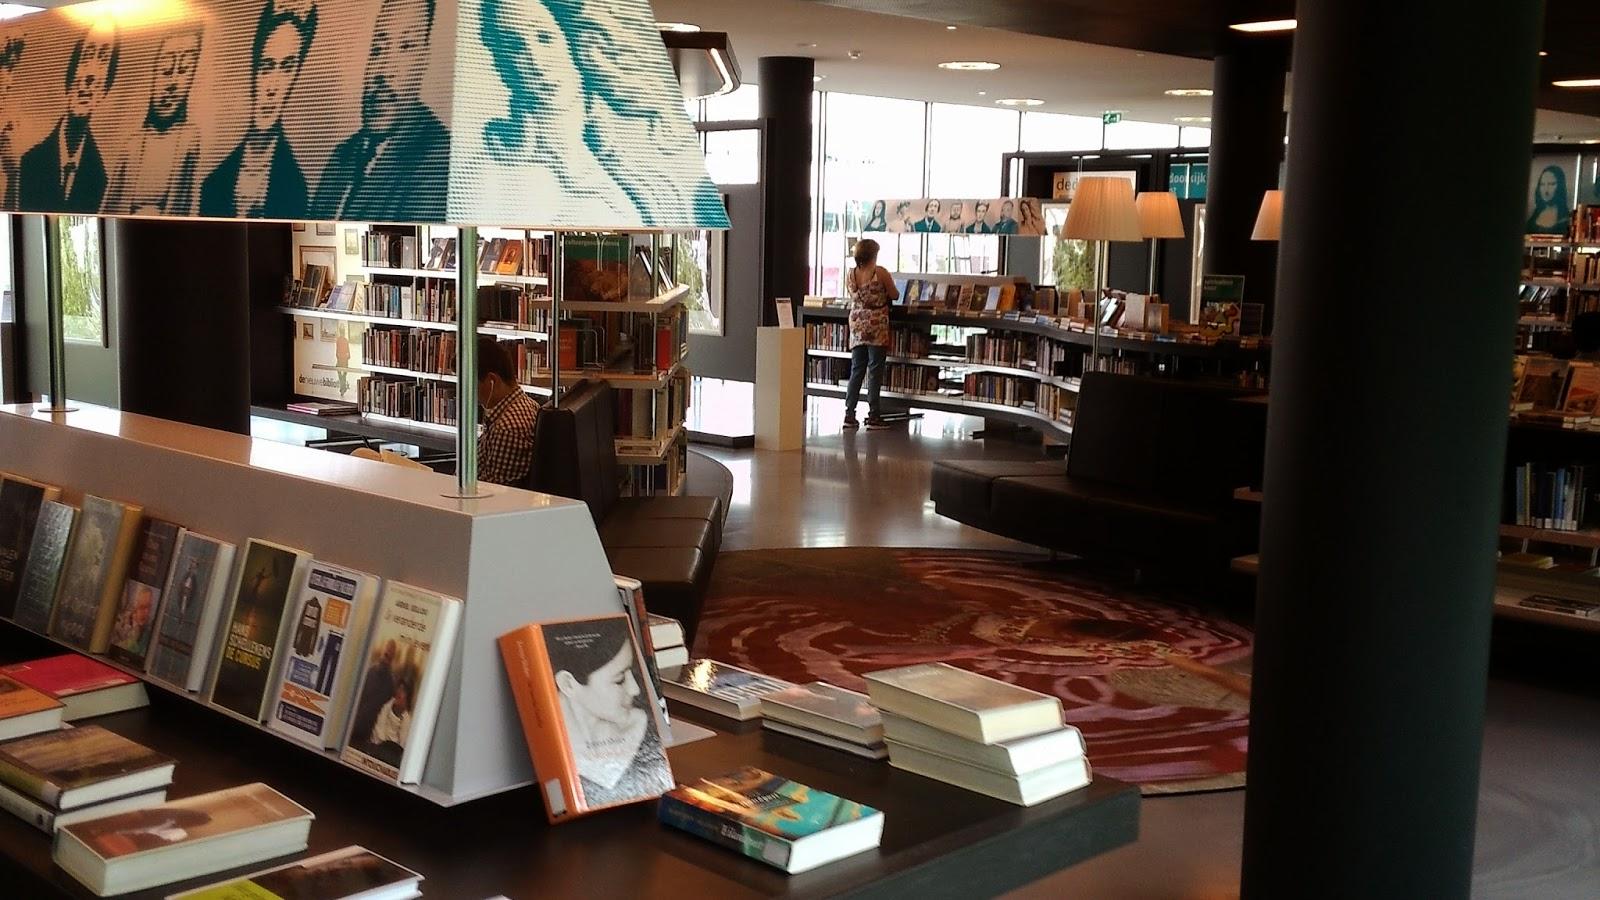 Almere Library 3